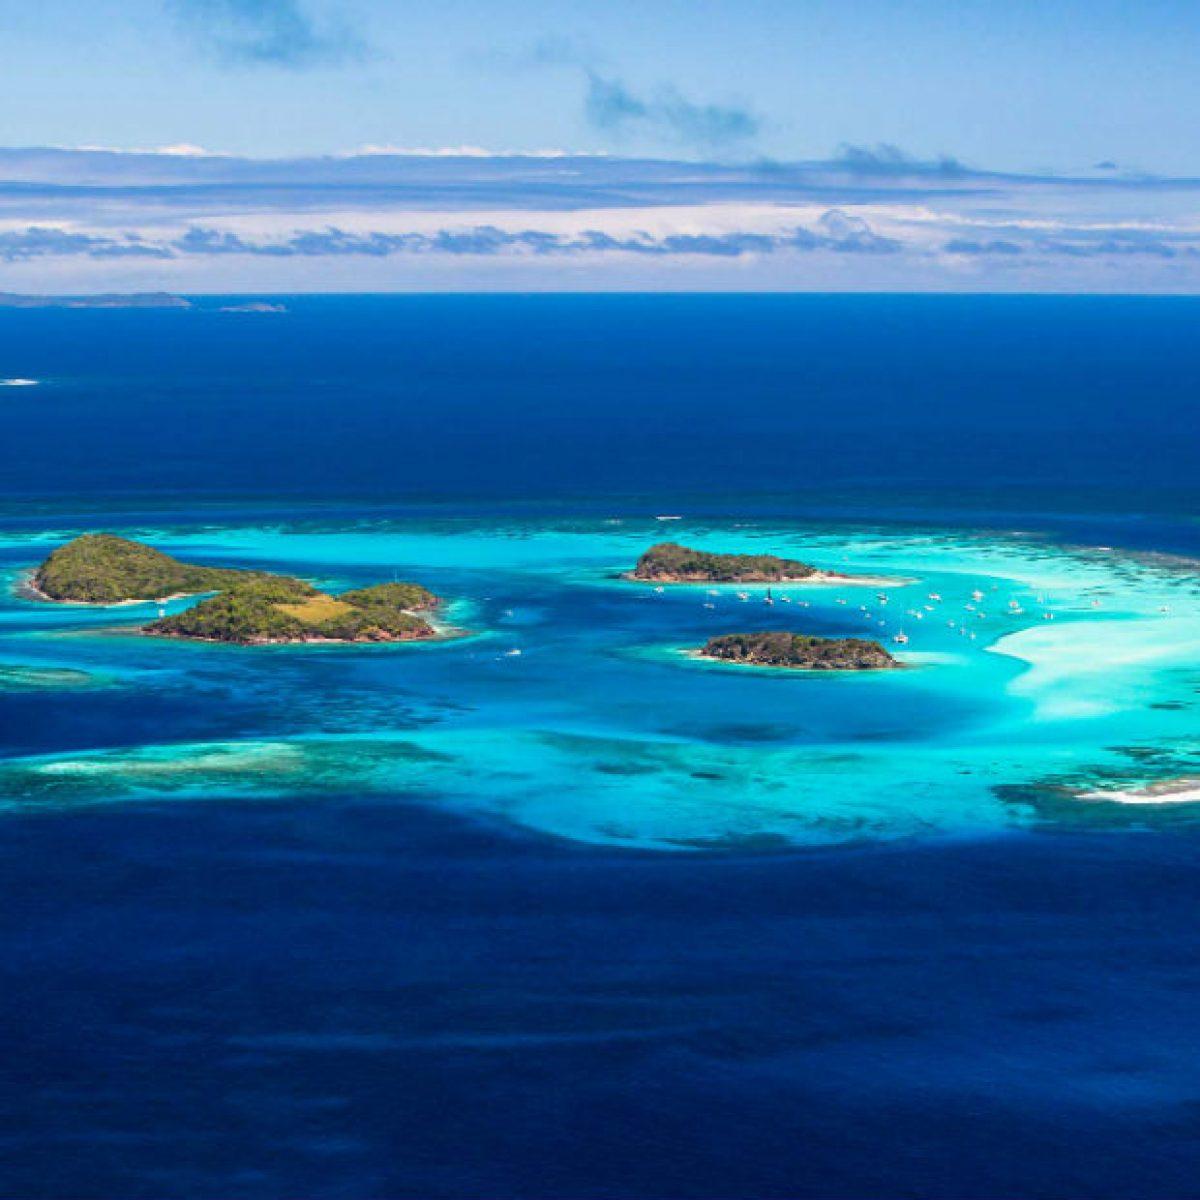 isole-grenadine-viaggi-di-nozze